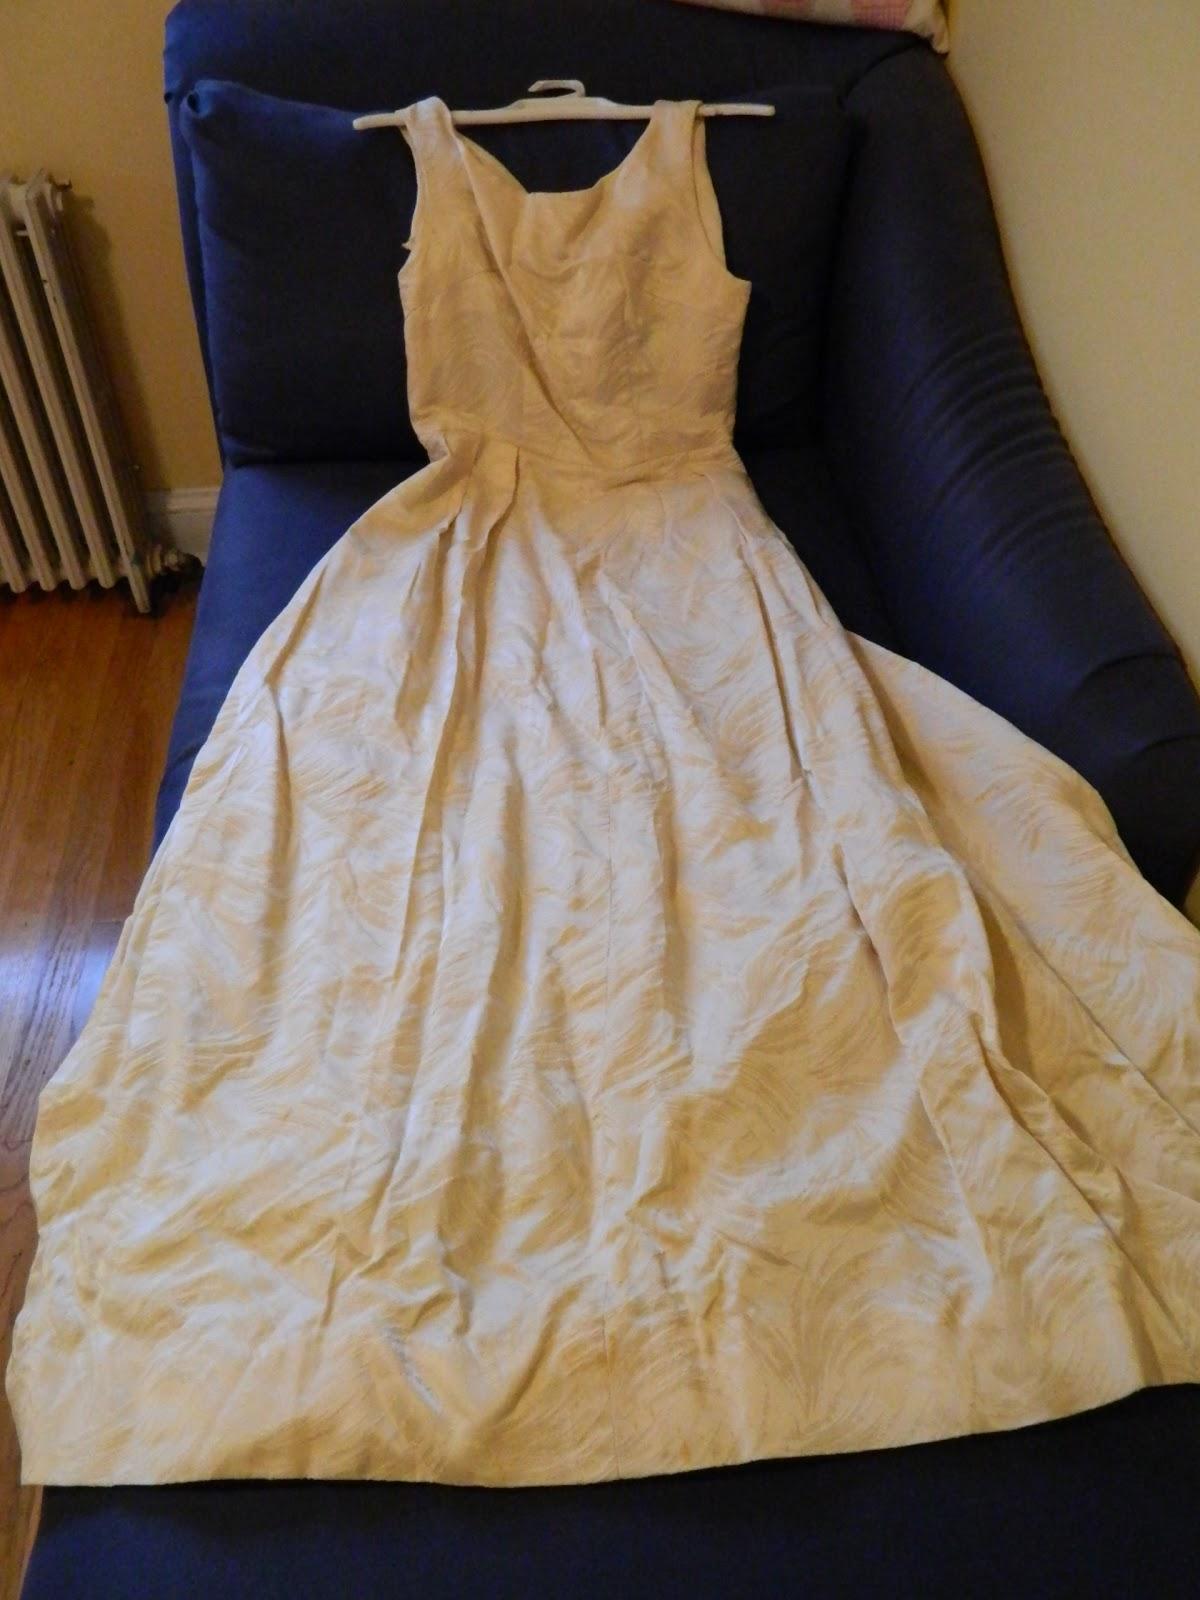 50th Wedding Anniversary Dresses For Family - Flower Girl Dresses